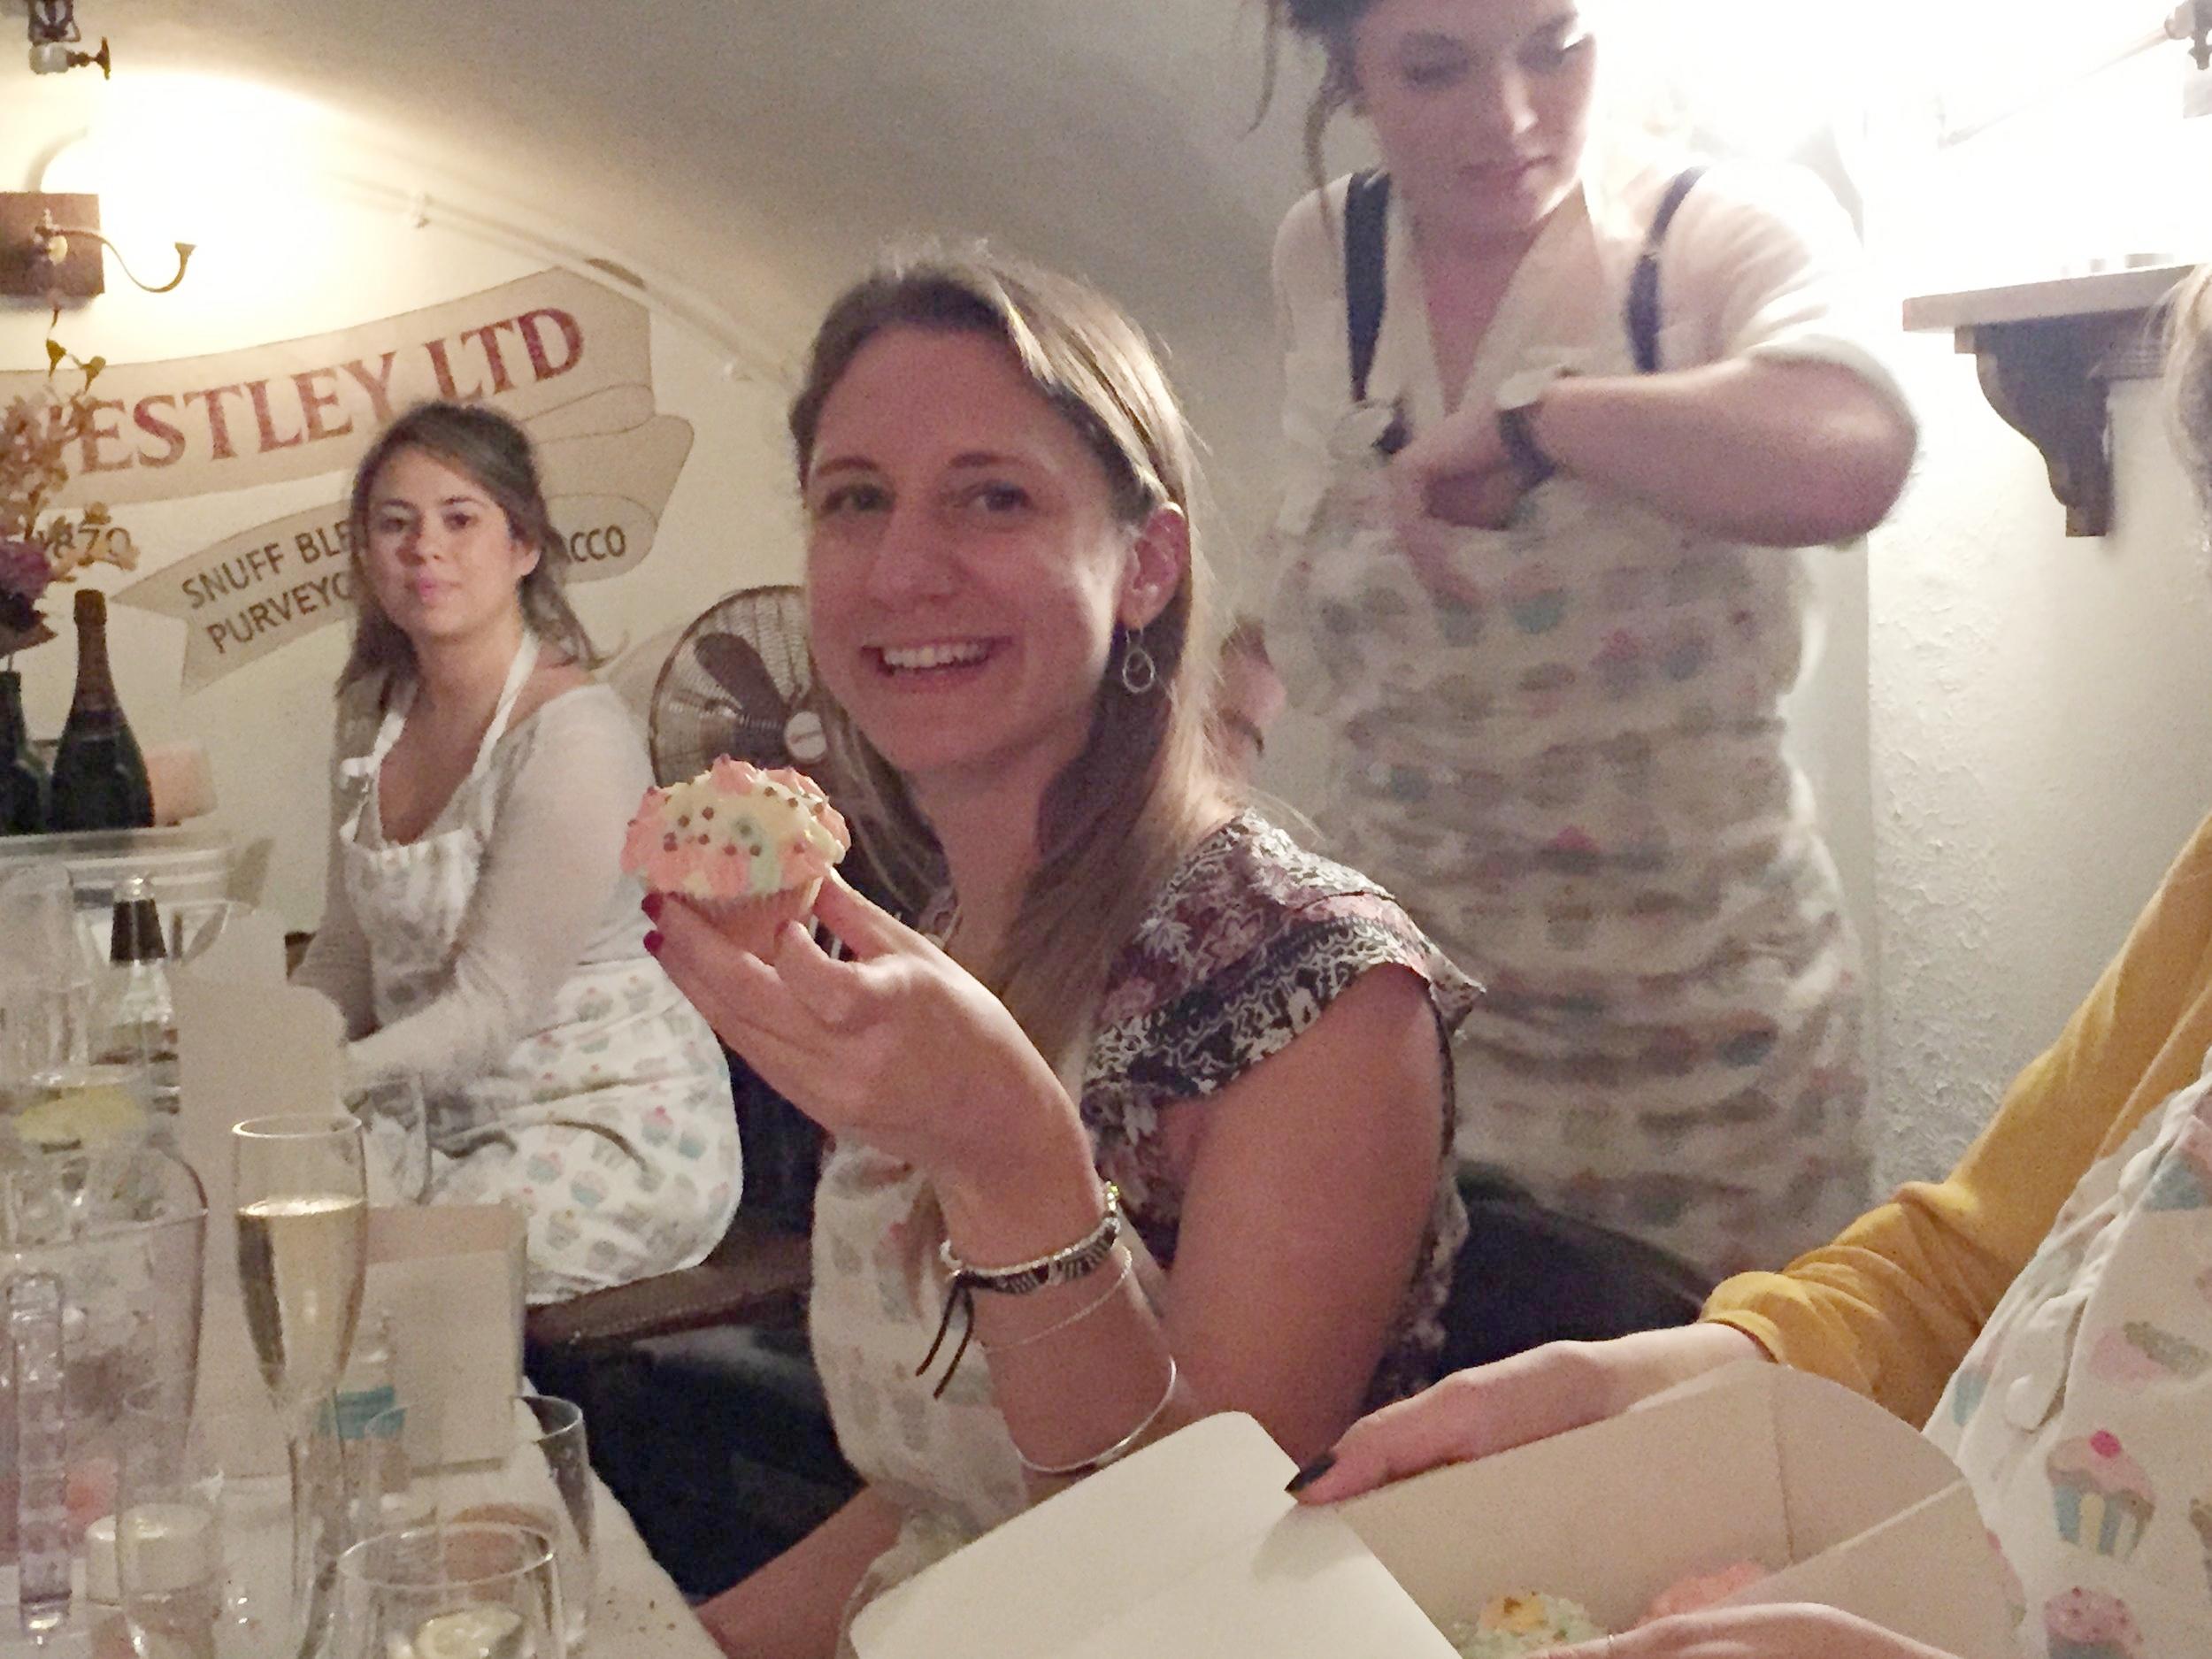 Smiling girl cupcake Unilever.JPG